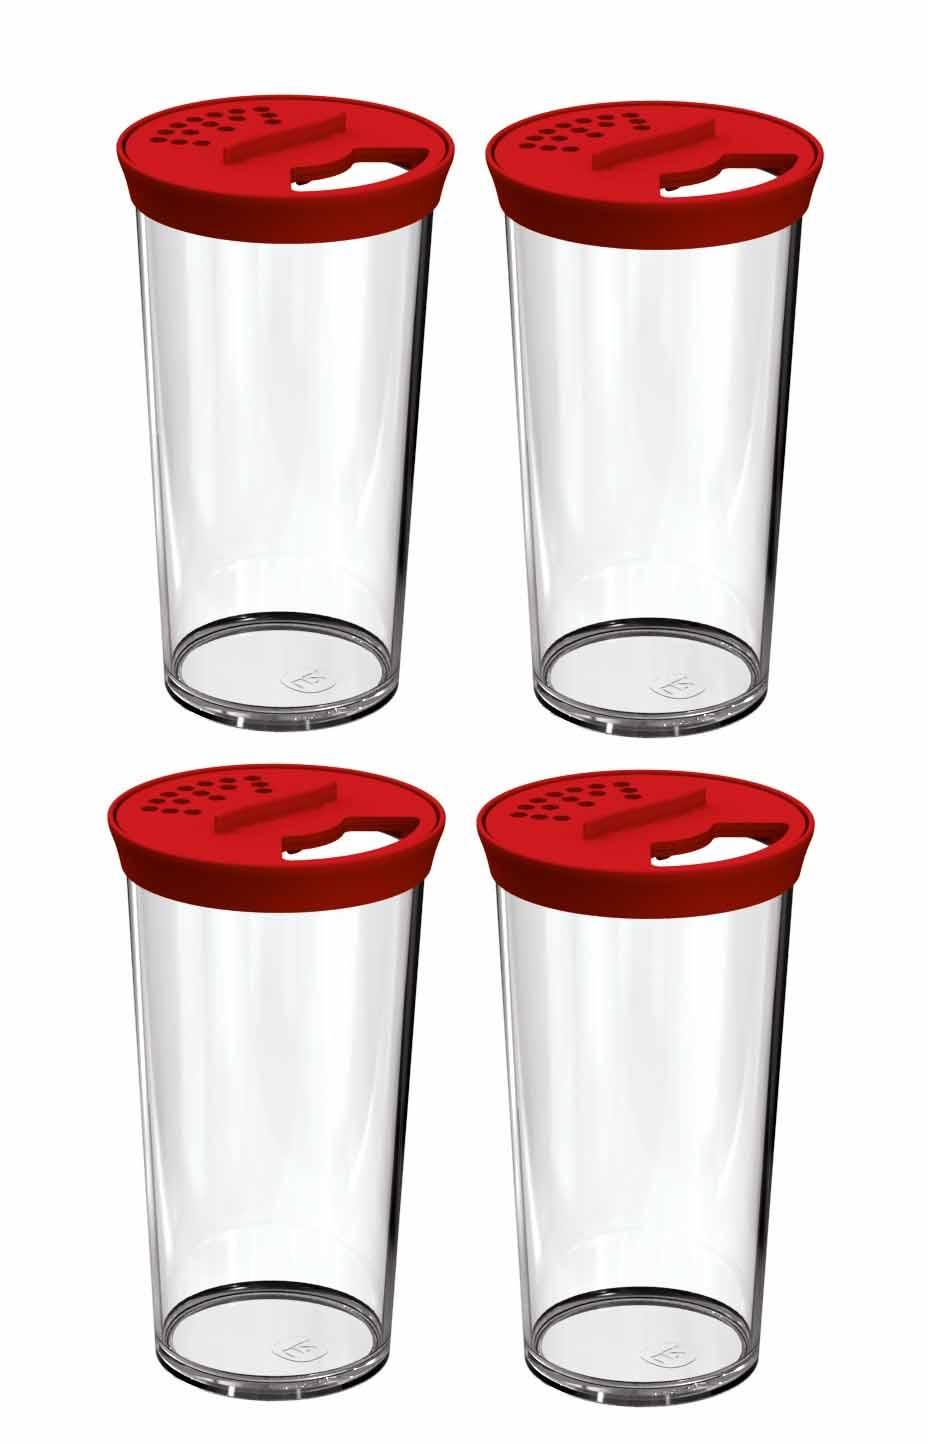 Kit 4 Farinheiros Porta Condimentos 500ml Plástico Uz Vermelho